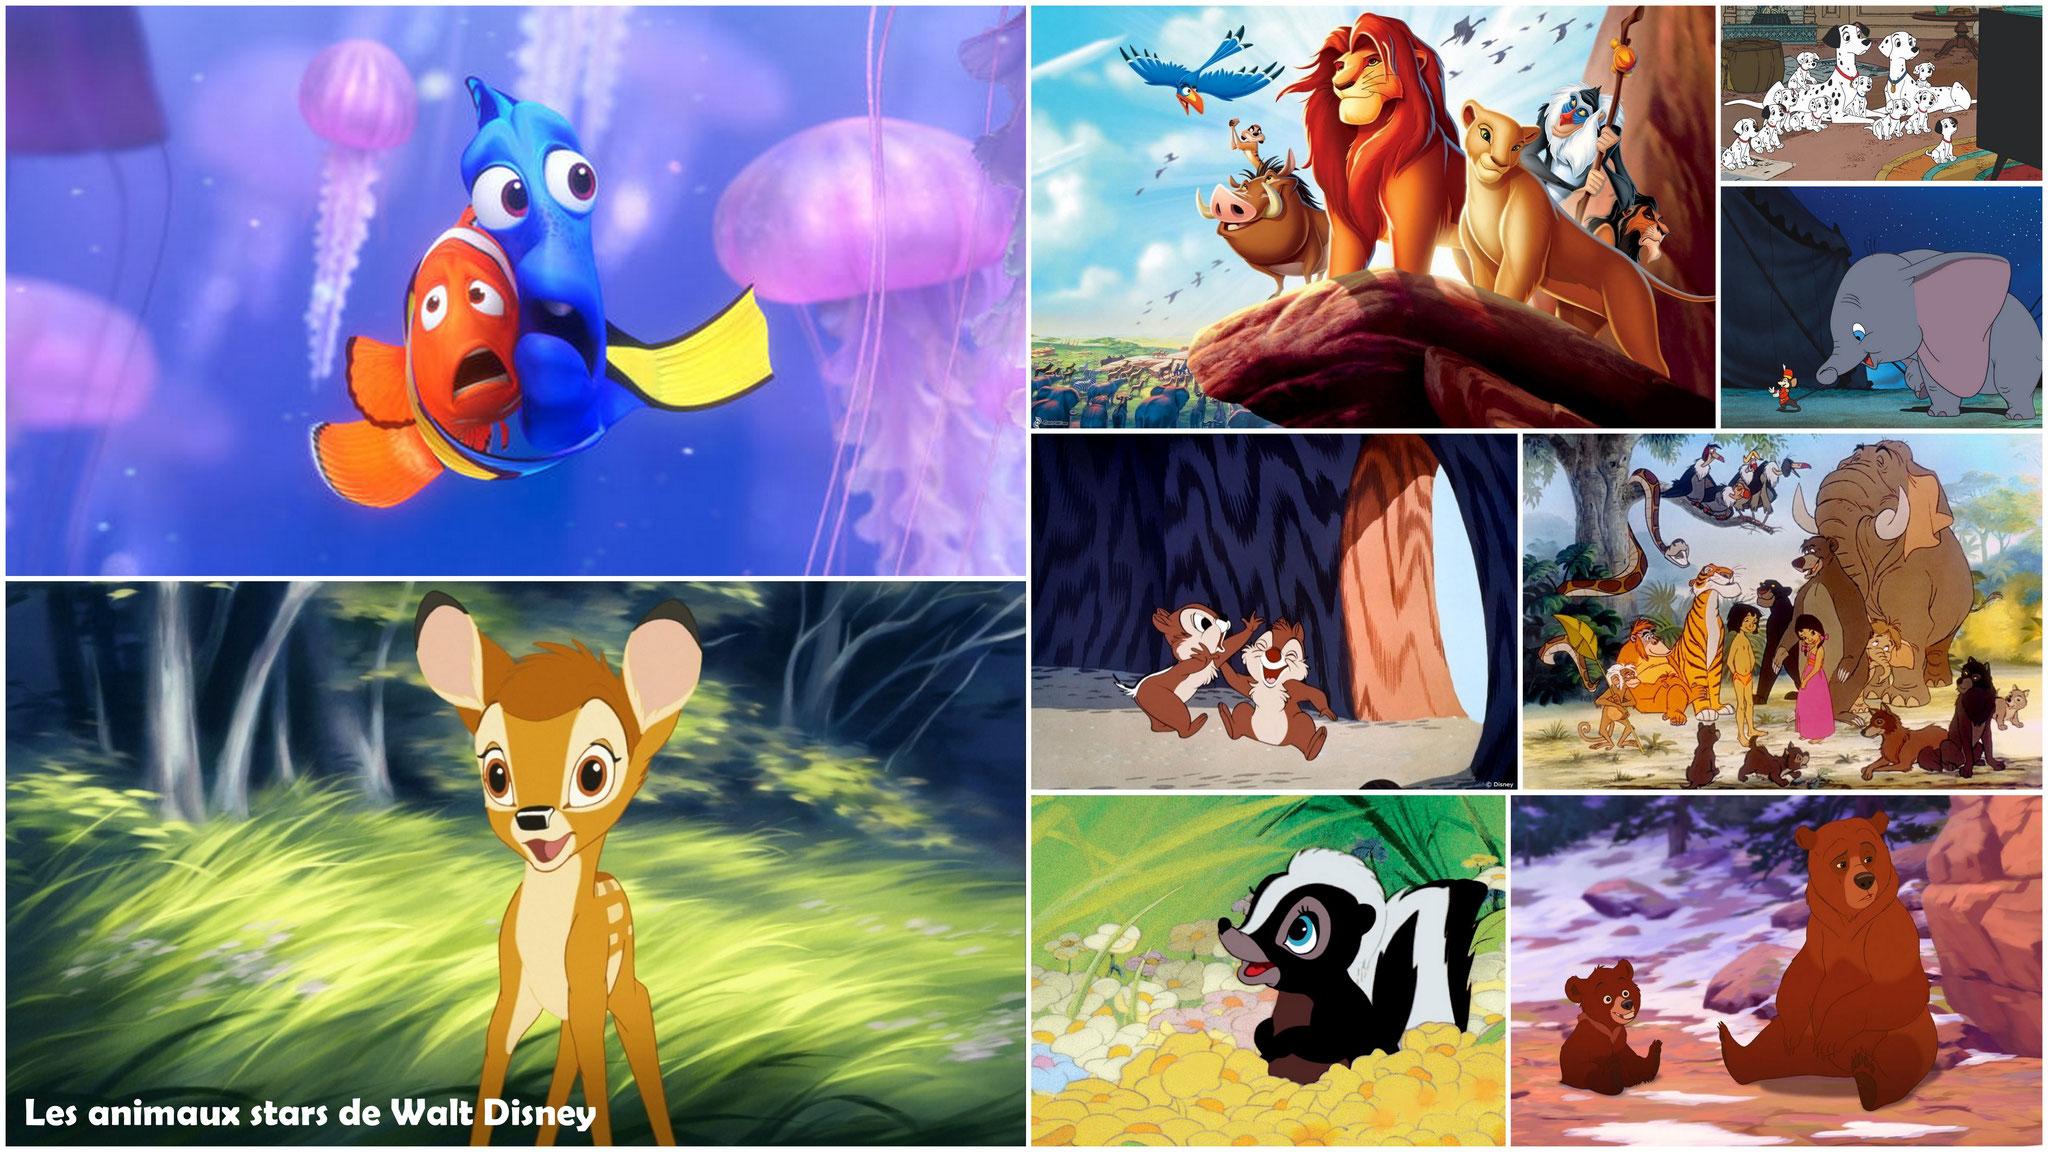 Les animaux stars de Walt Disney